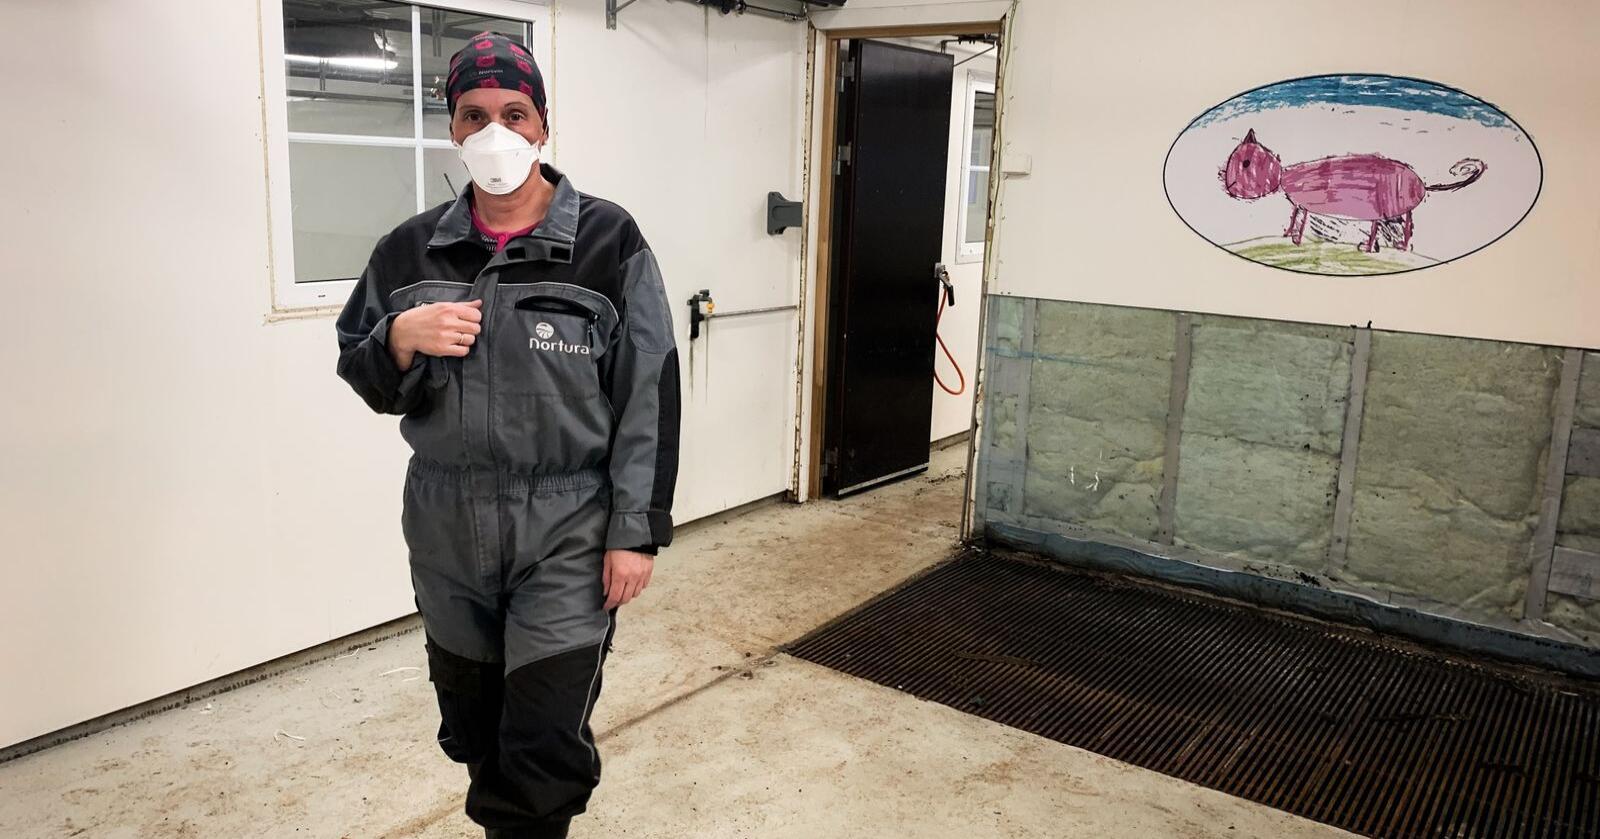 Bente Risholm Børsheim sanerer grisehuset på Vega i Nordland. Å rive deler av veggen, er bare noe av det som må gjøres for å bli kvitt smitten. Foto: Lena Rakvaag